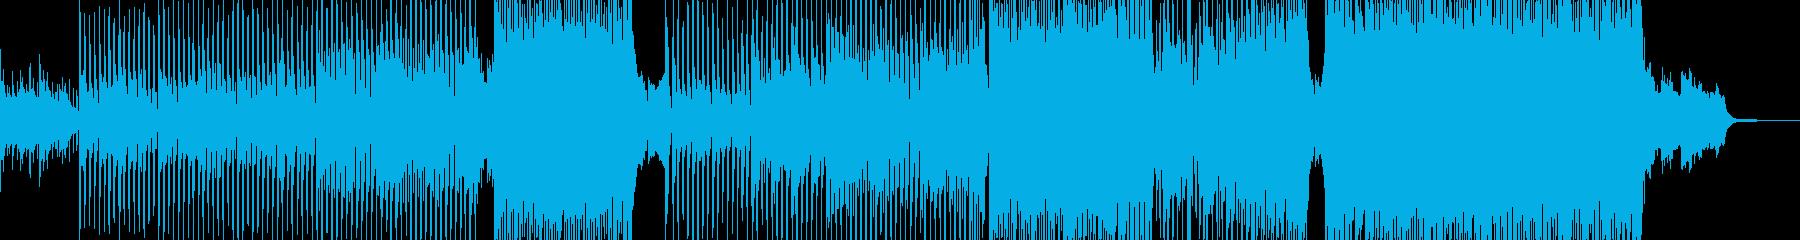 希望・涙を笑顔に テクノ・エレキ無 Sの再生済みの波形